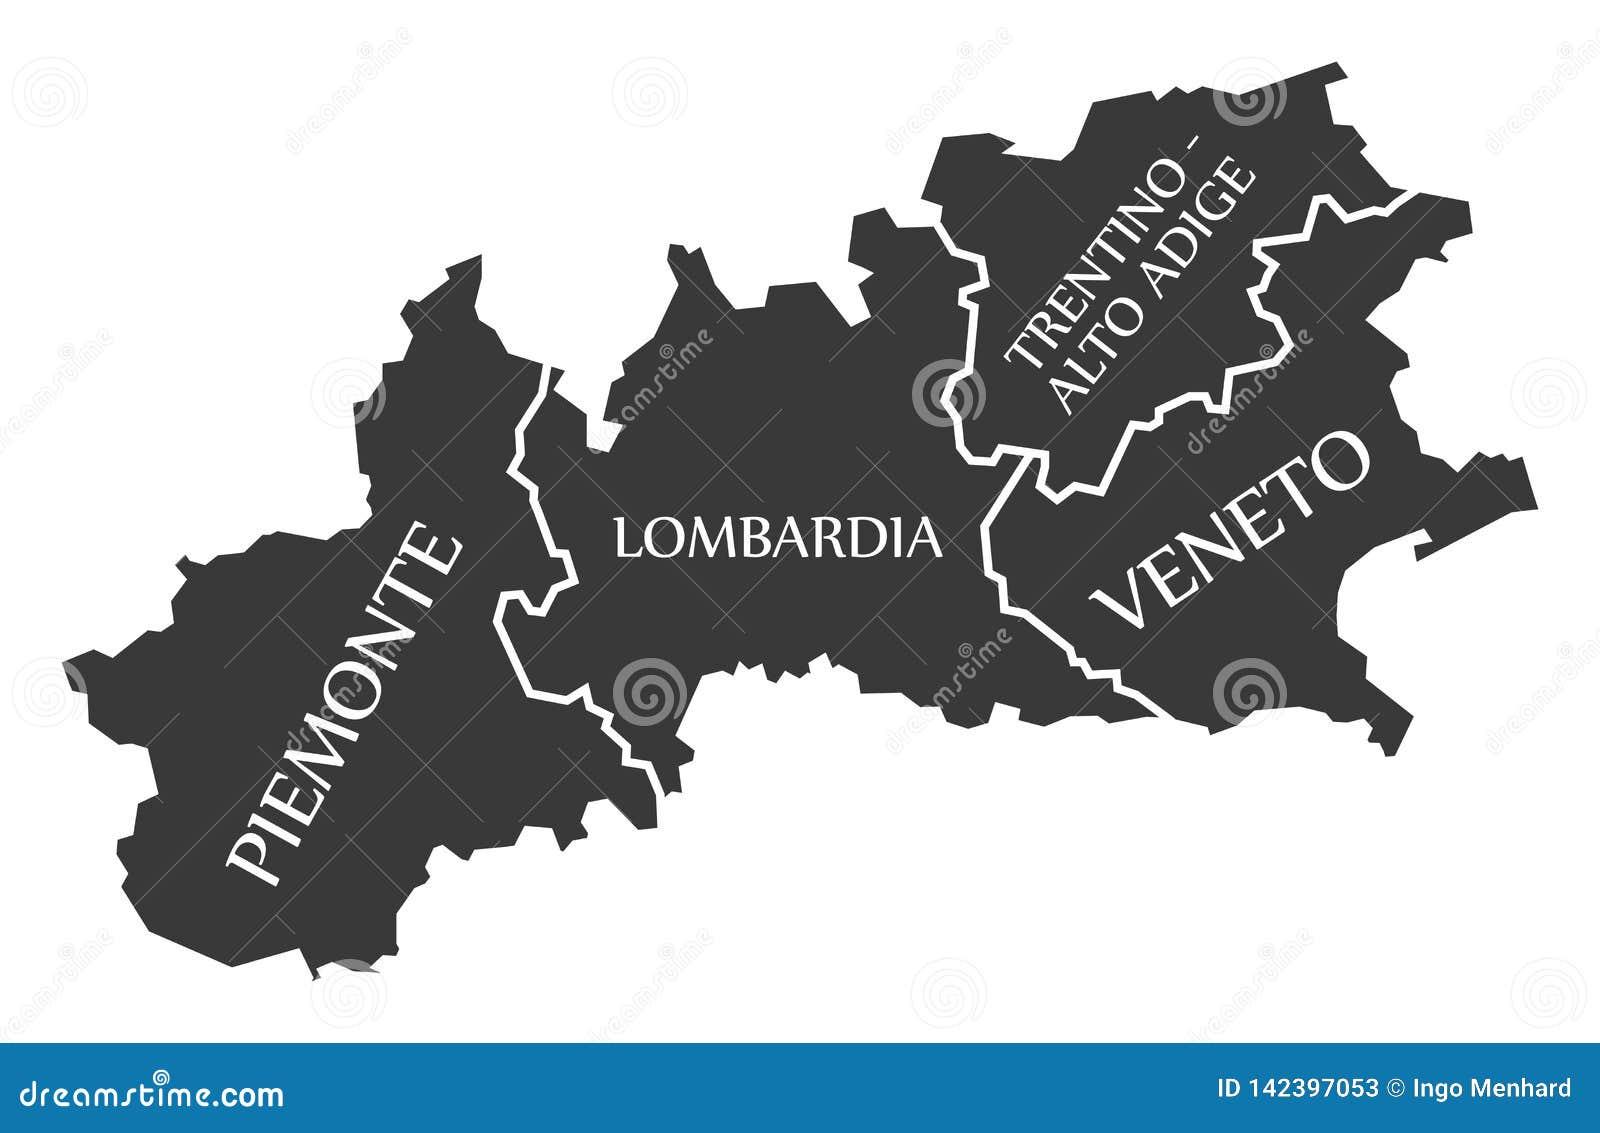 Cartina Lombardia E Piemonte.Mappa Italia Di Regione Di Piemonte Di Lombardia Di Trentino Di Alto Adige Di Veneto Illustrazione Di Stock Illustrazione Di Nero Zona 142397053